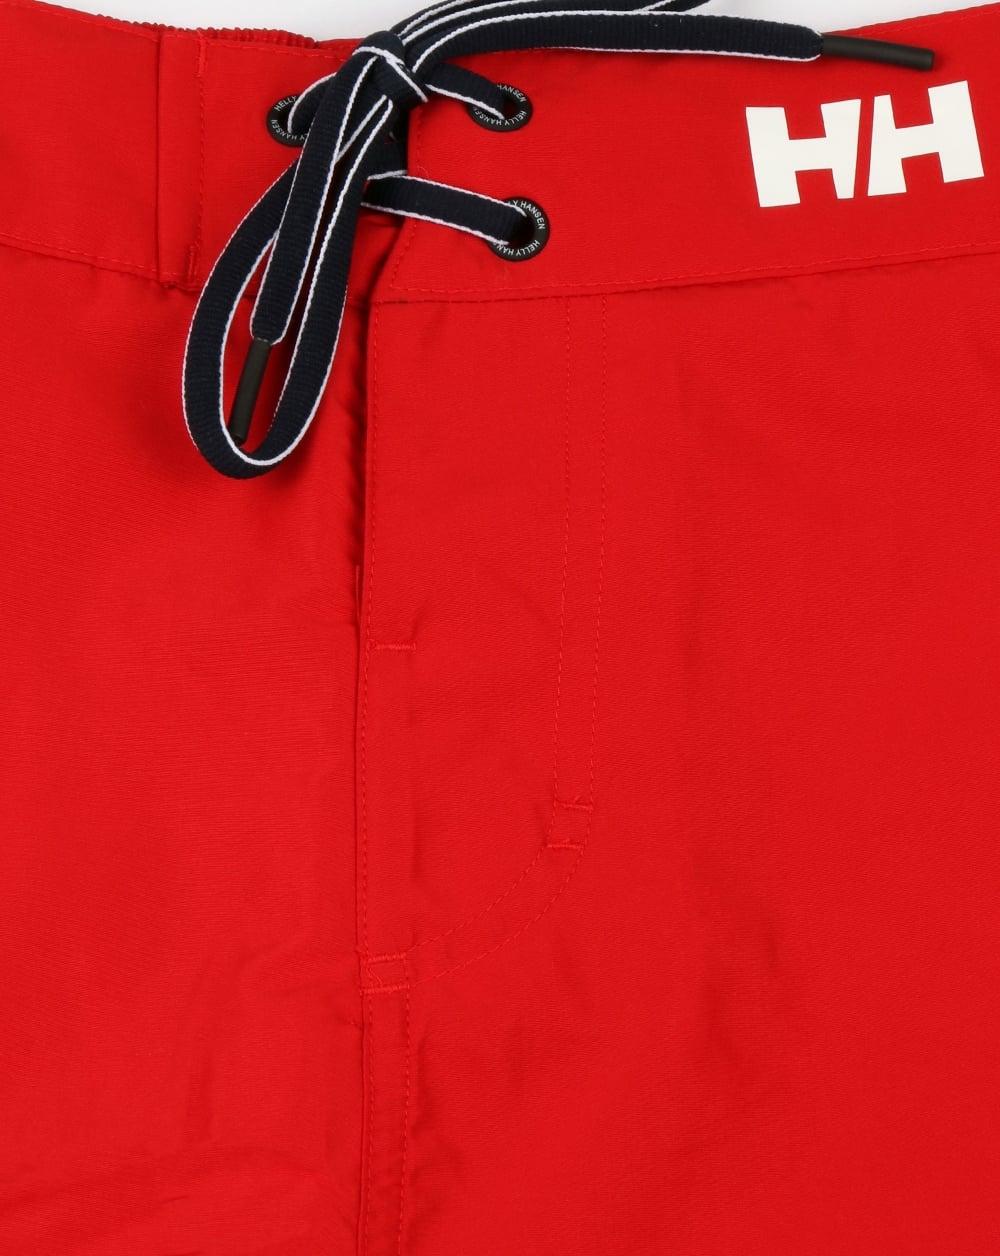 e6421d93f8323 Helly Hansen Marstrand Swim Shorts Red/Navy   80s casual classics